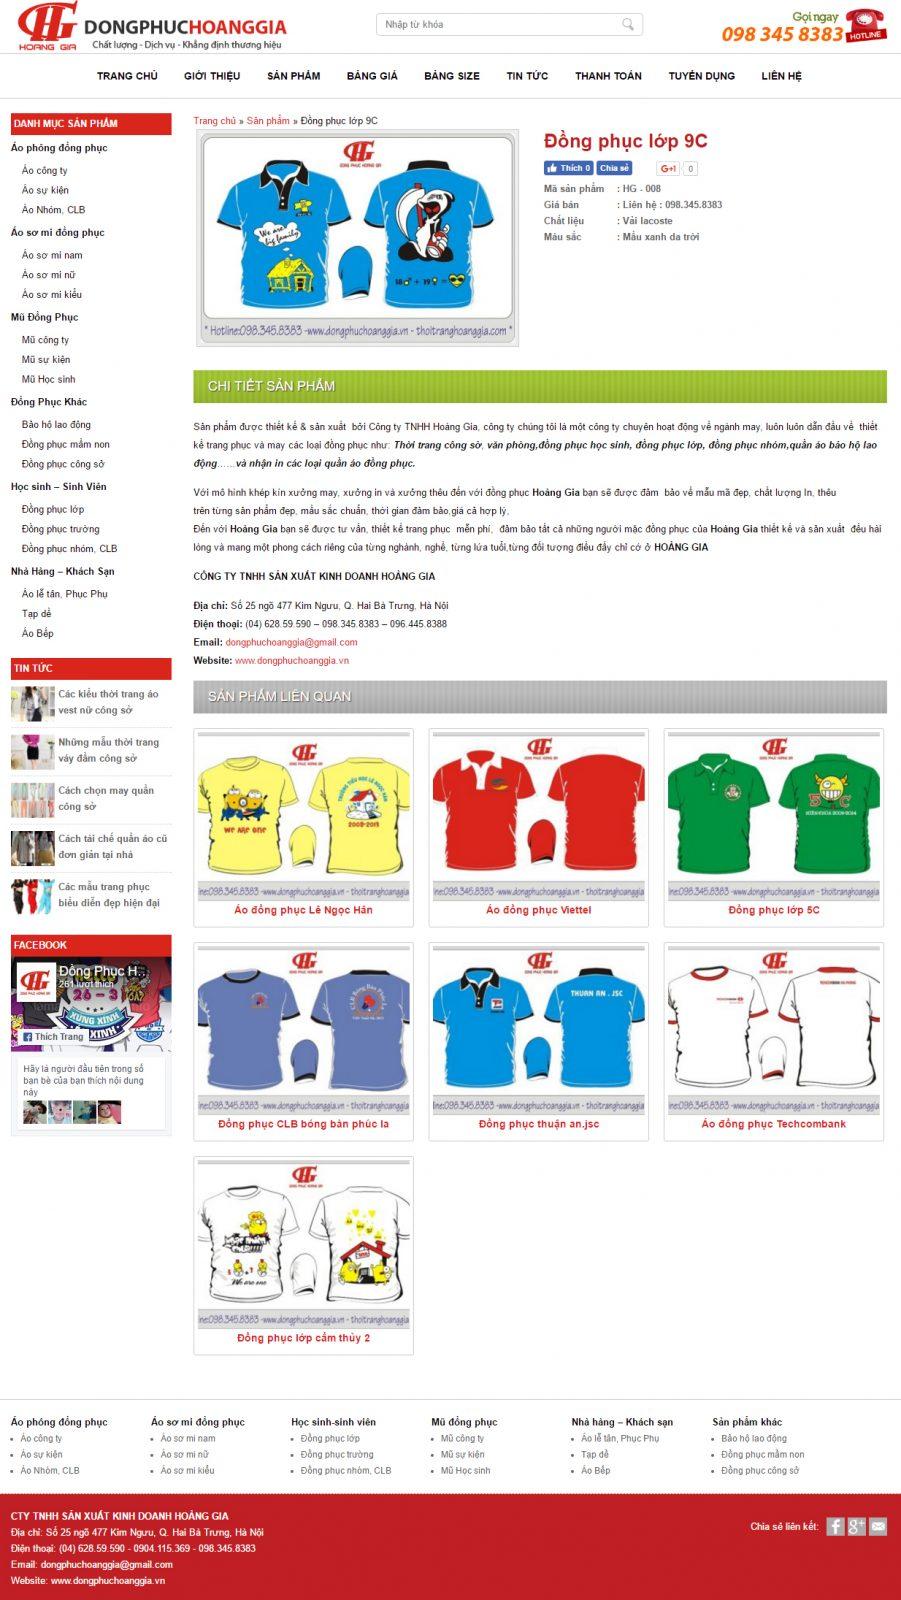 Thiết kế website công ty TNHH sản xuất kinh doanh Hoàng Gia